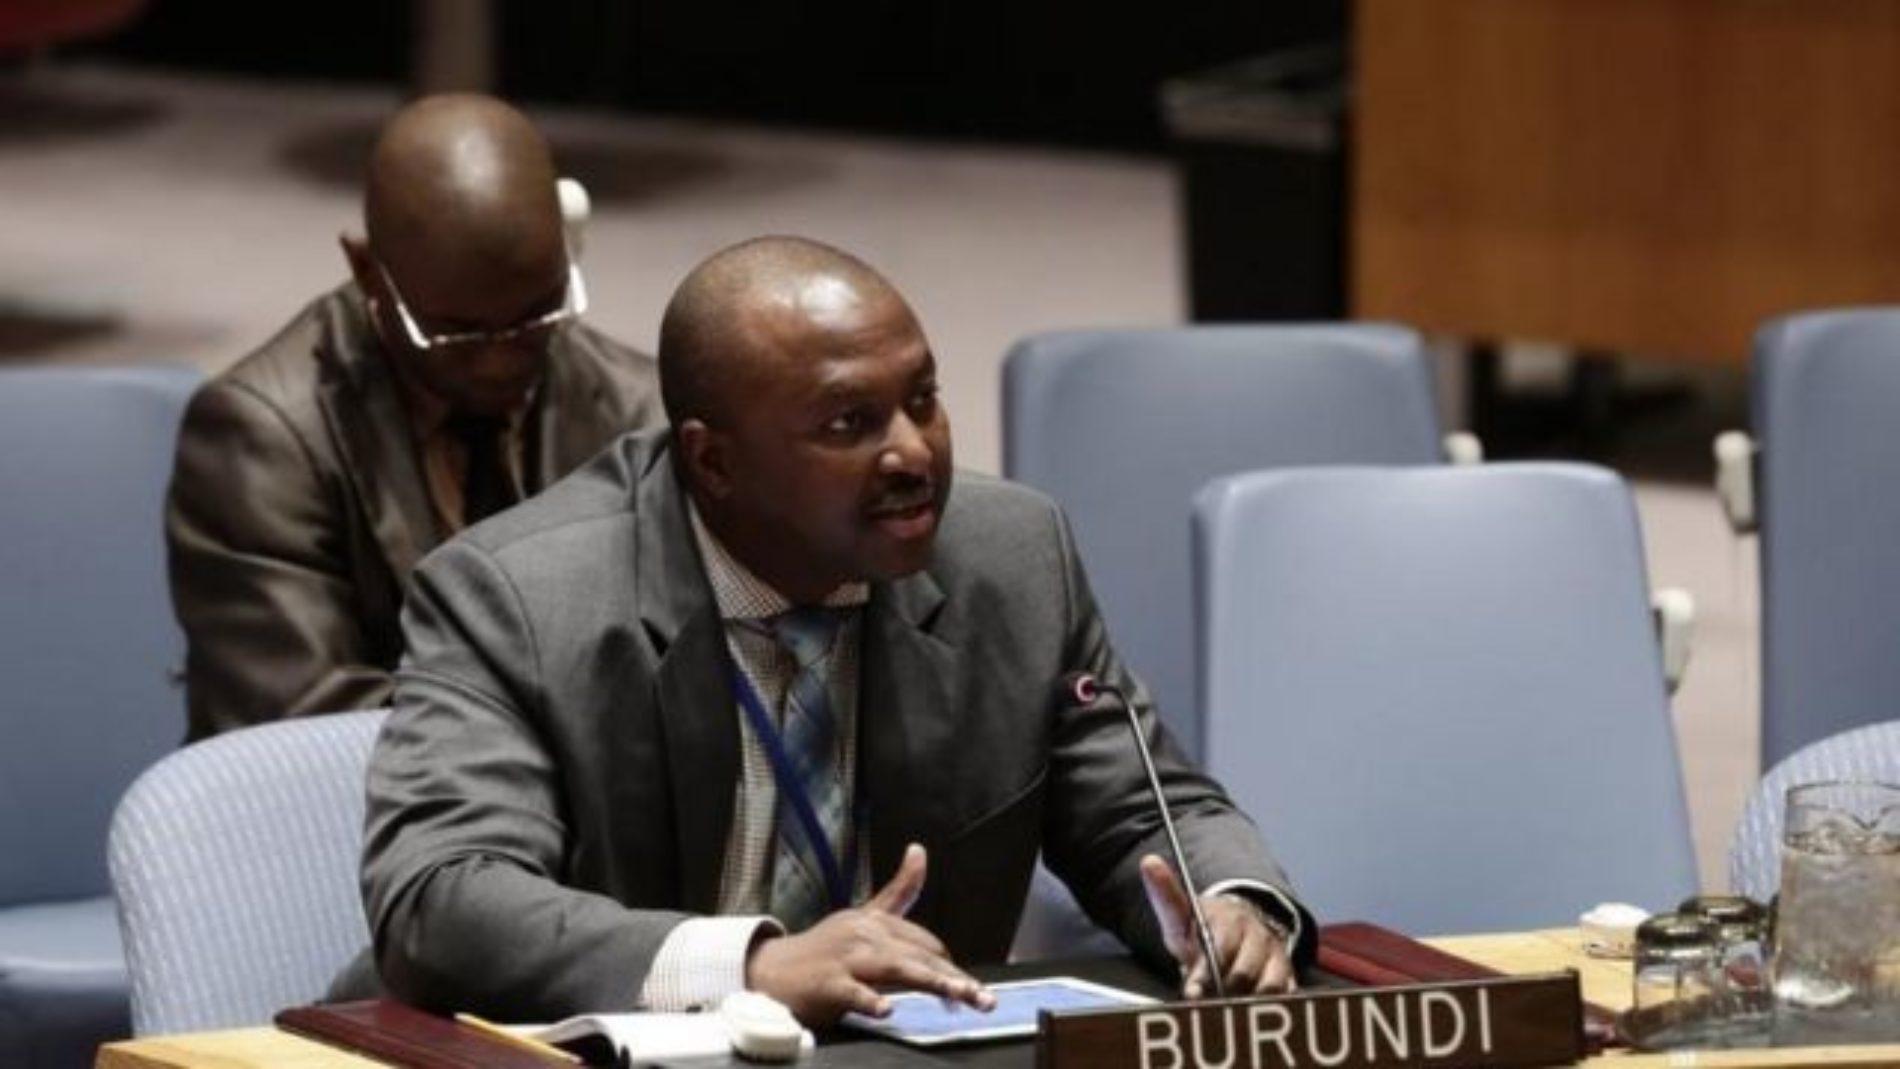 Le ministre des affaires étrangères menace de fermer les ONGs qui violent leur cadre légal